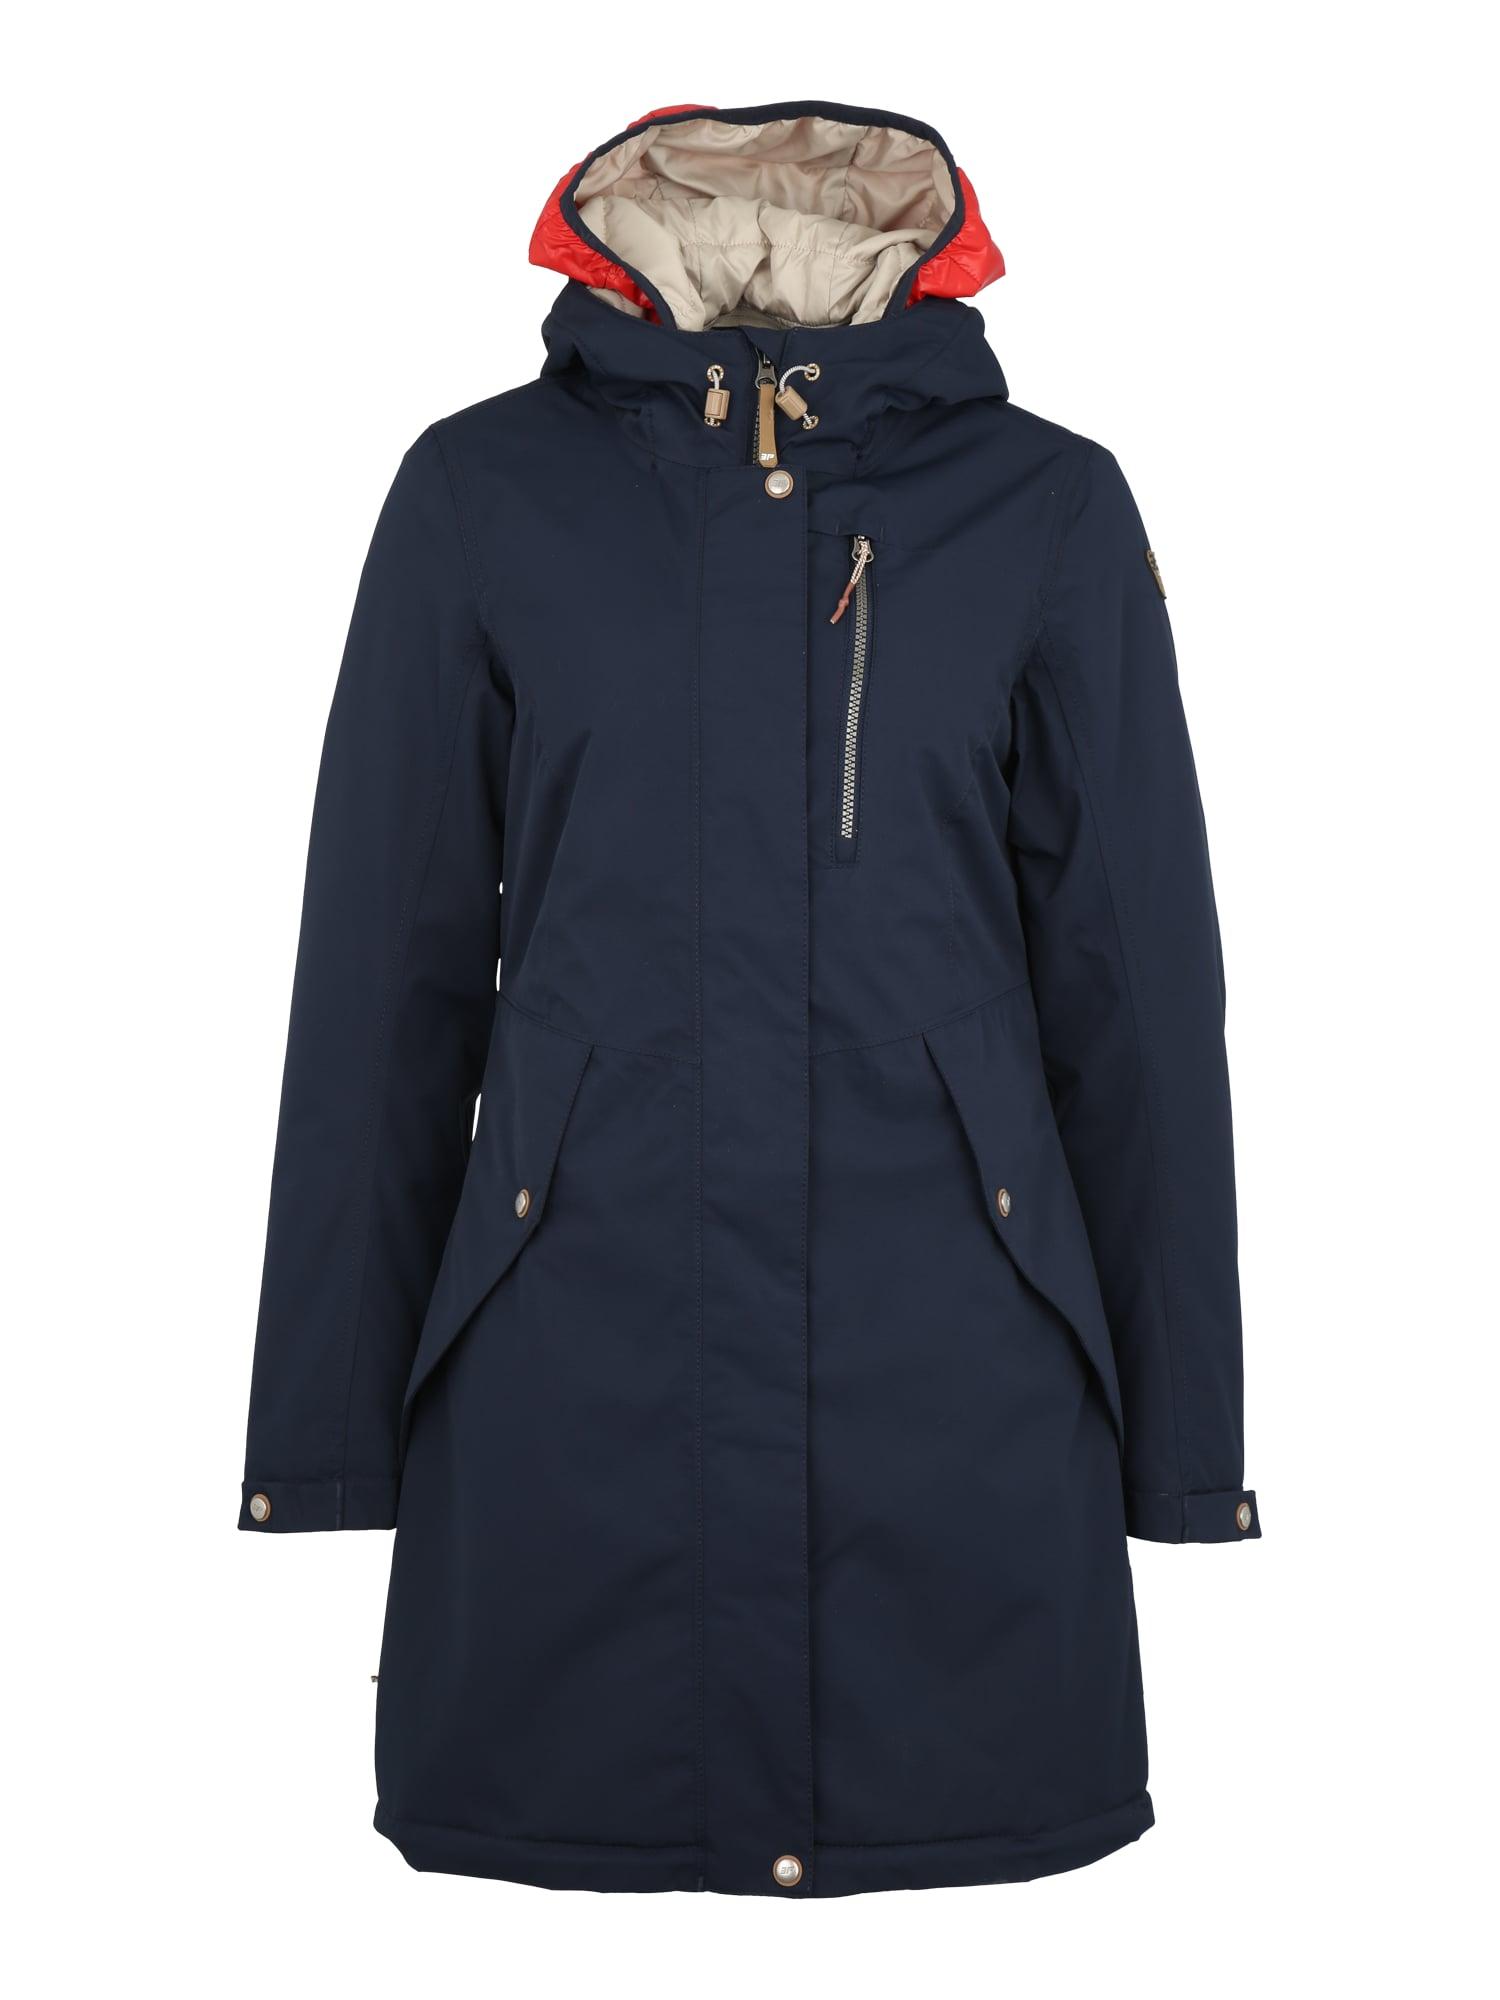 Outdoorová bunda TIANA béžová tmavě modrá světle červená ICEPEAK